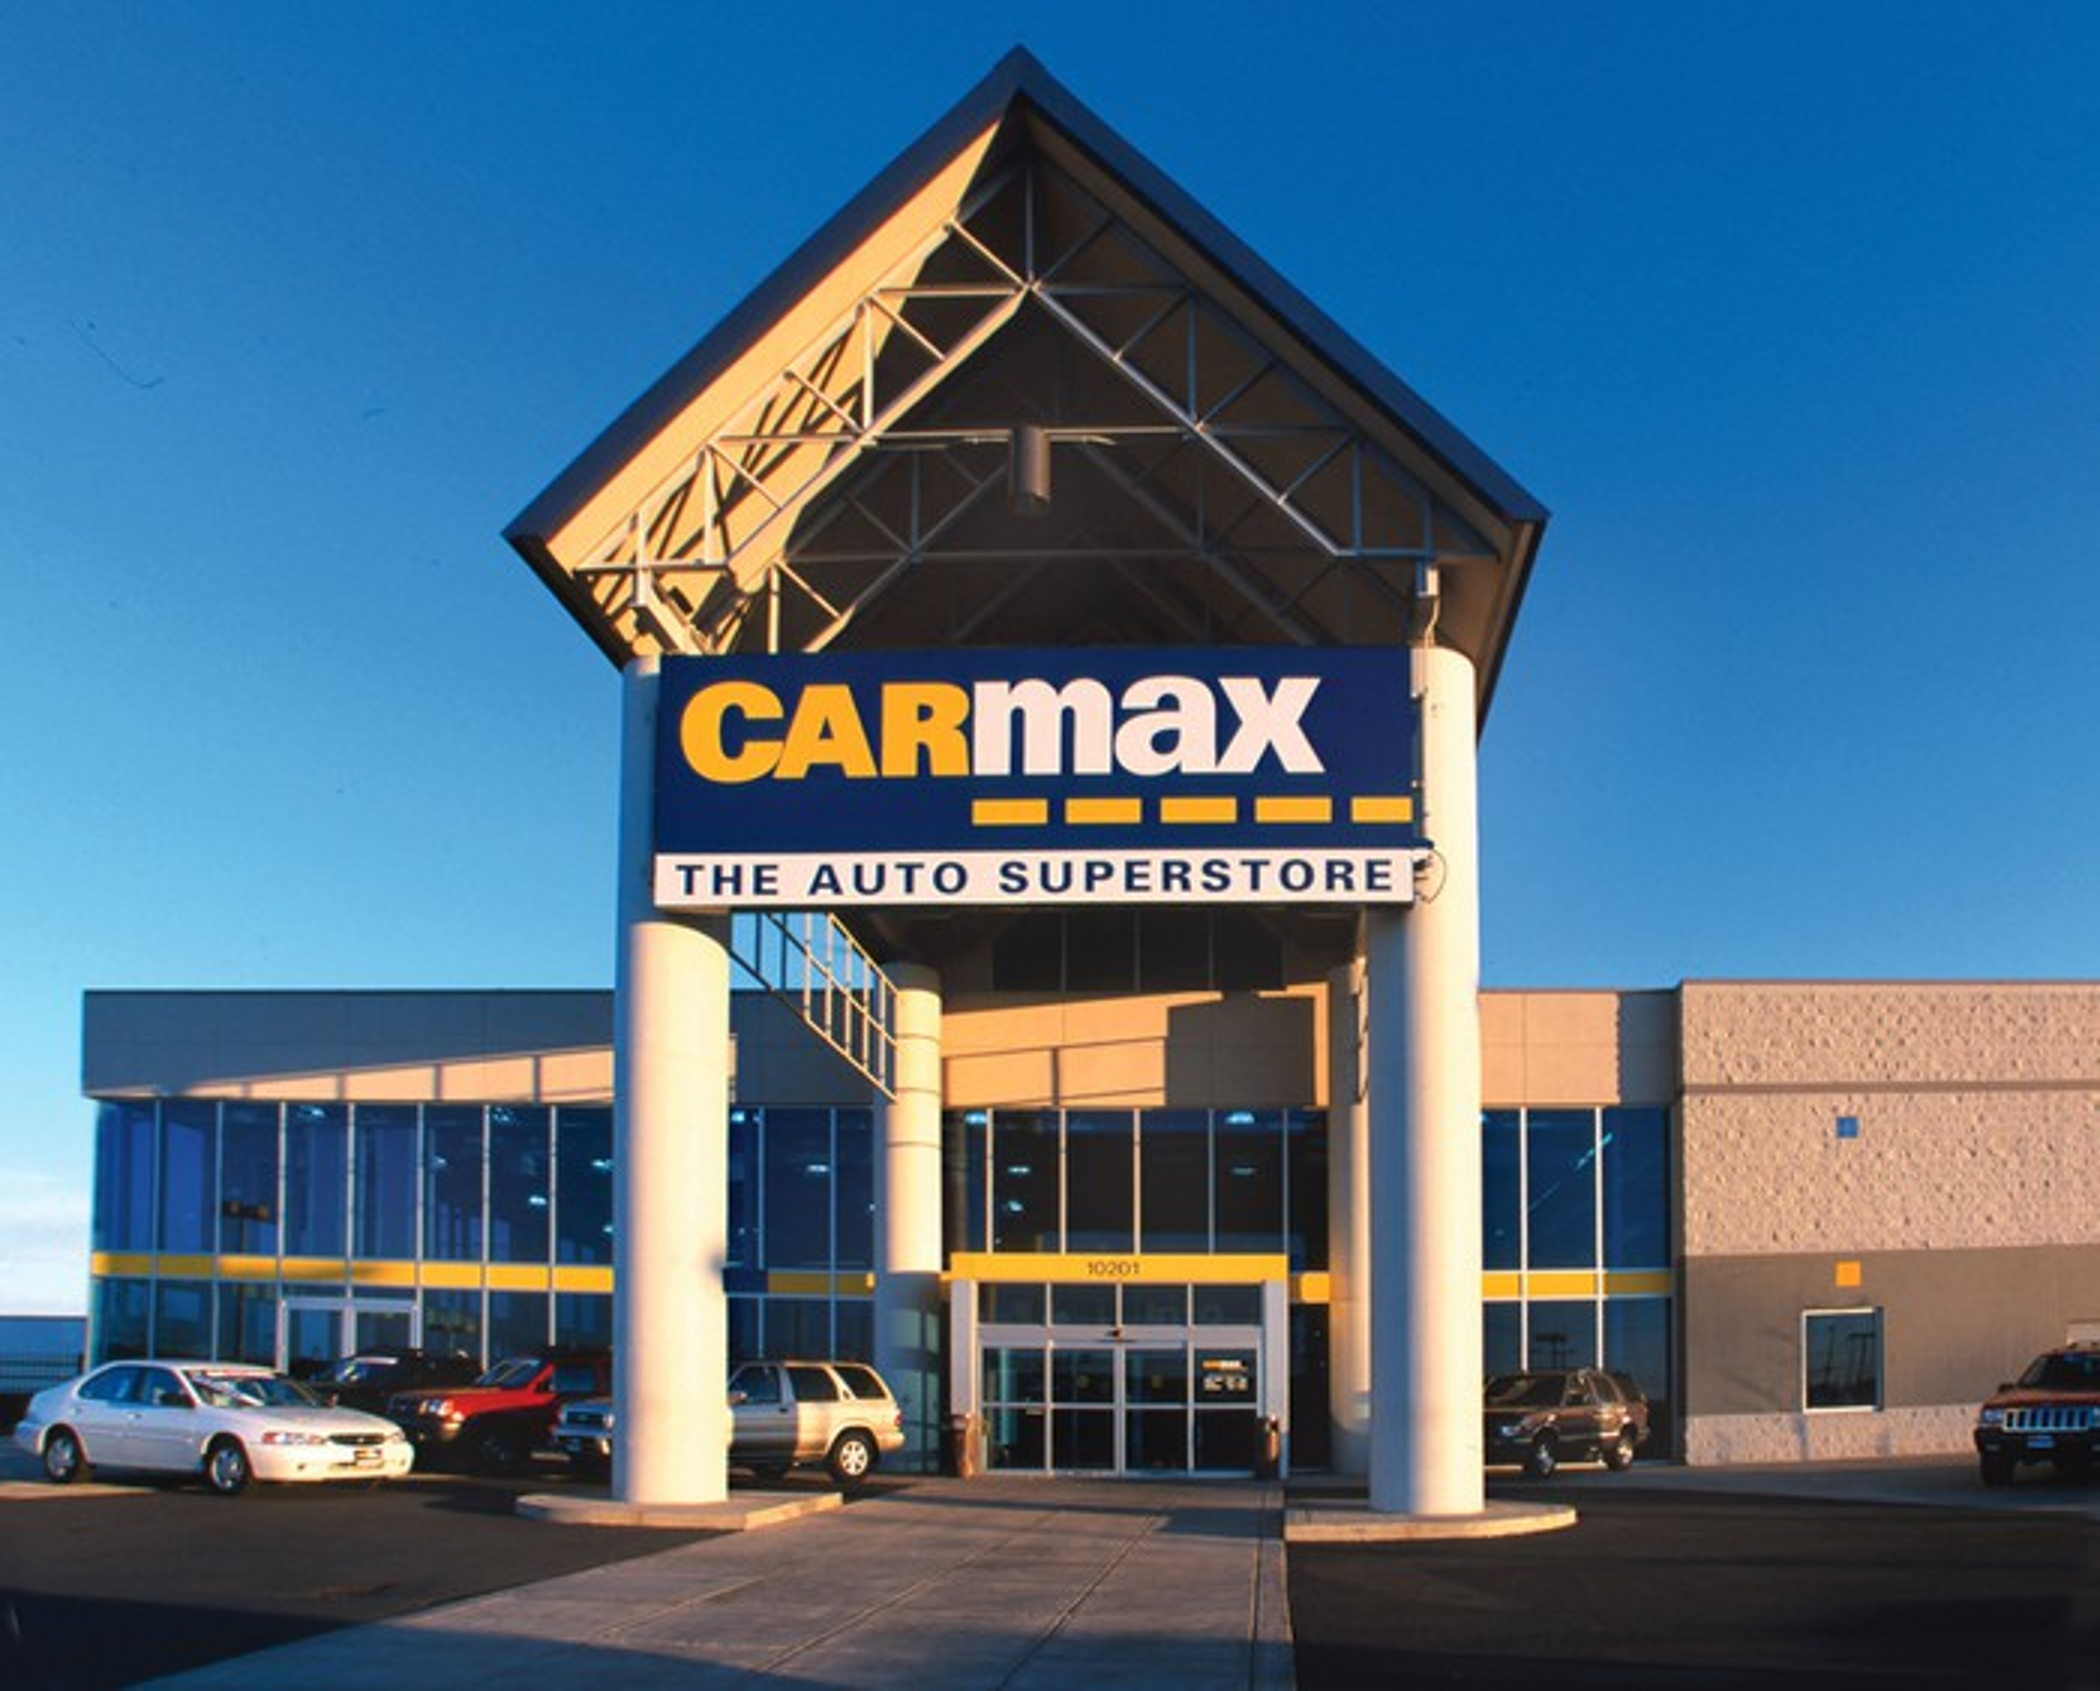 CarMax location.